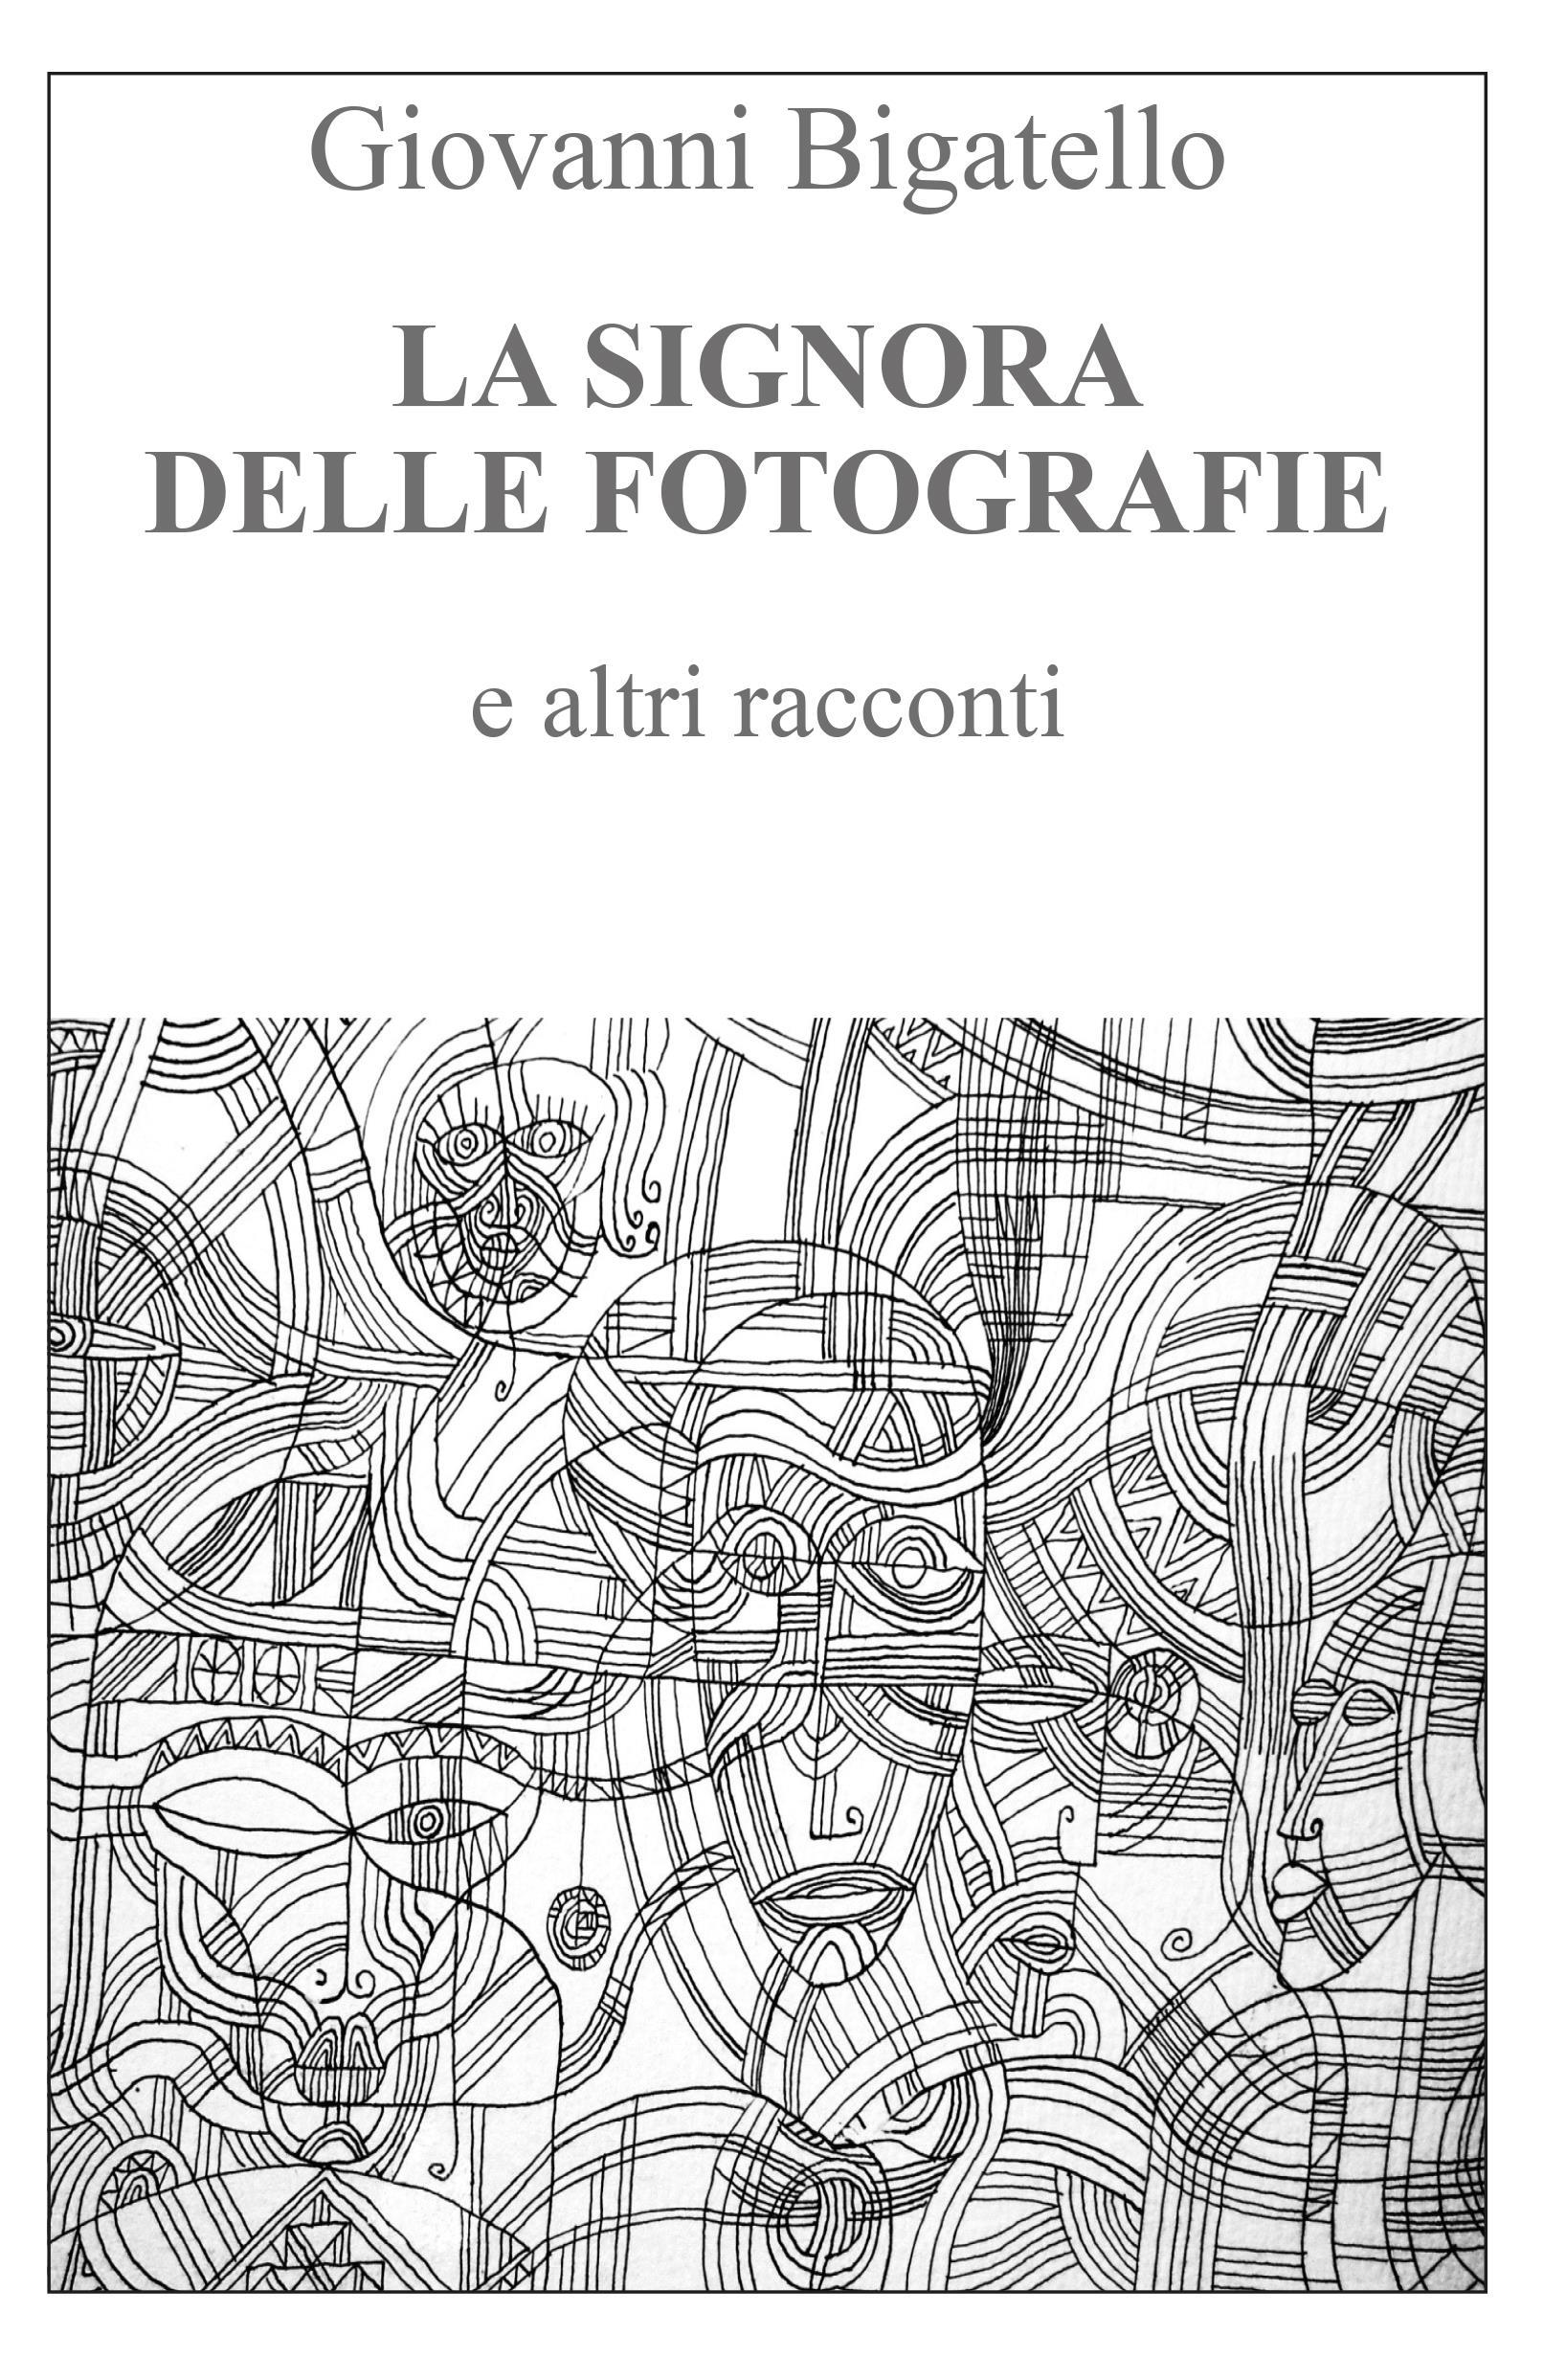 La signora delle fotografie e altri racconti